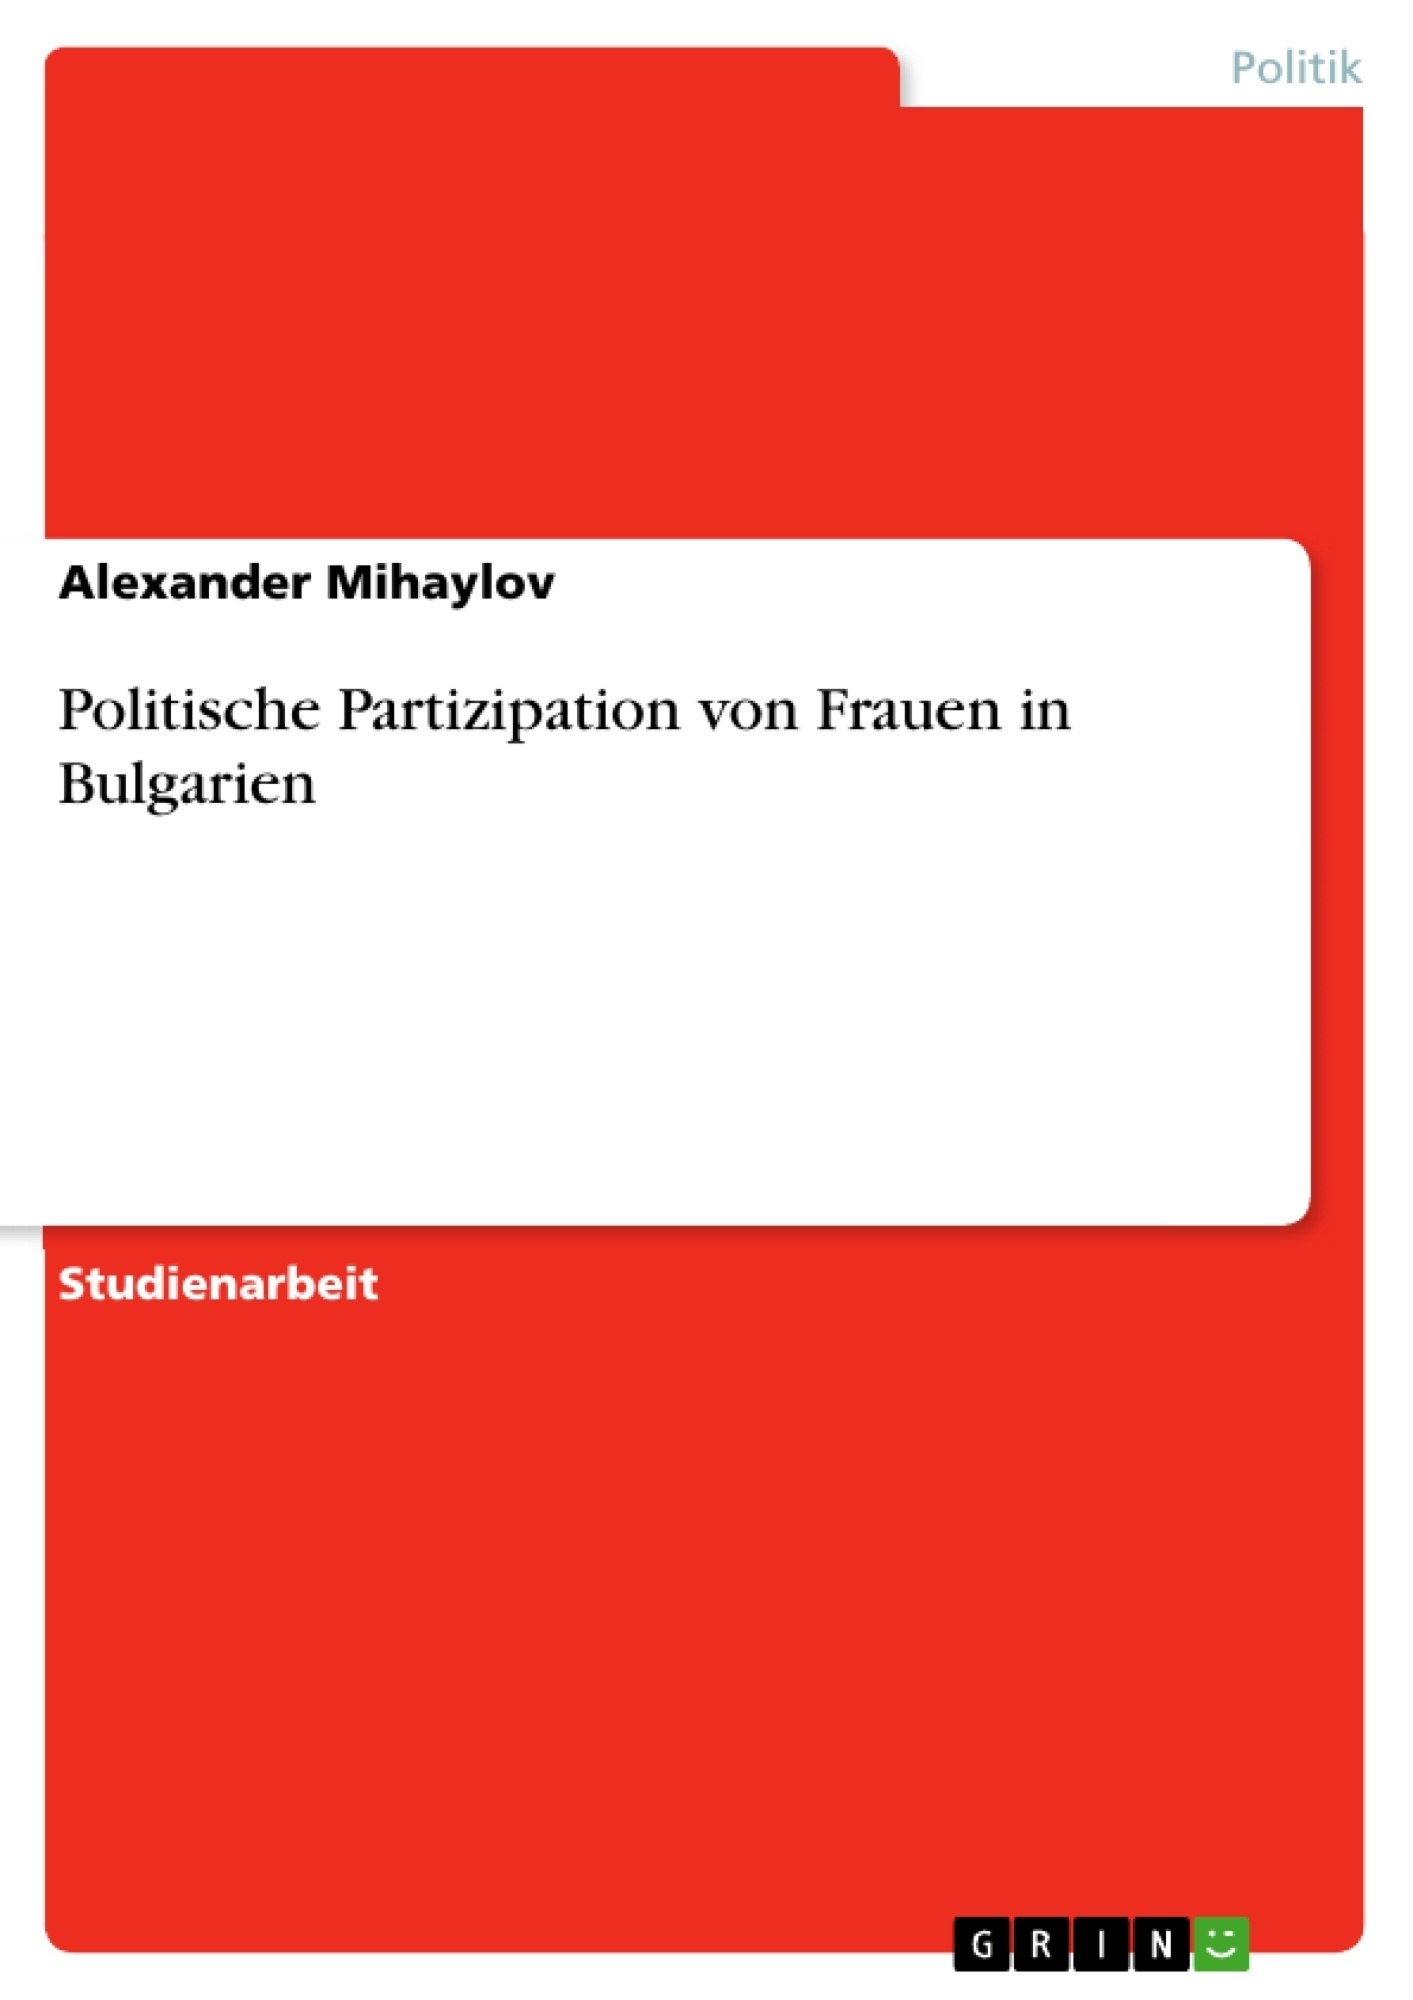 Titel: Politische Partizipation von Frauen in Bulgarien